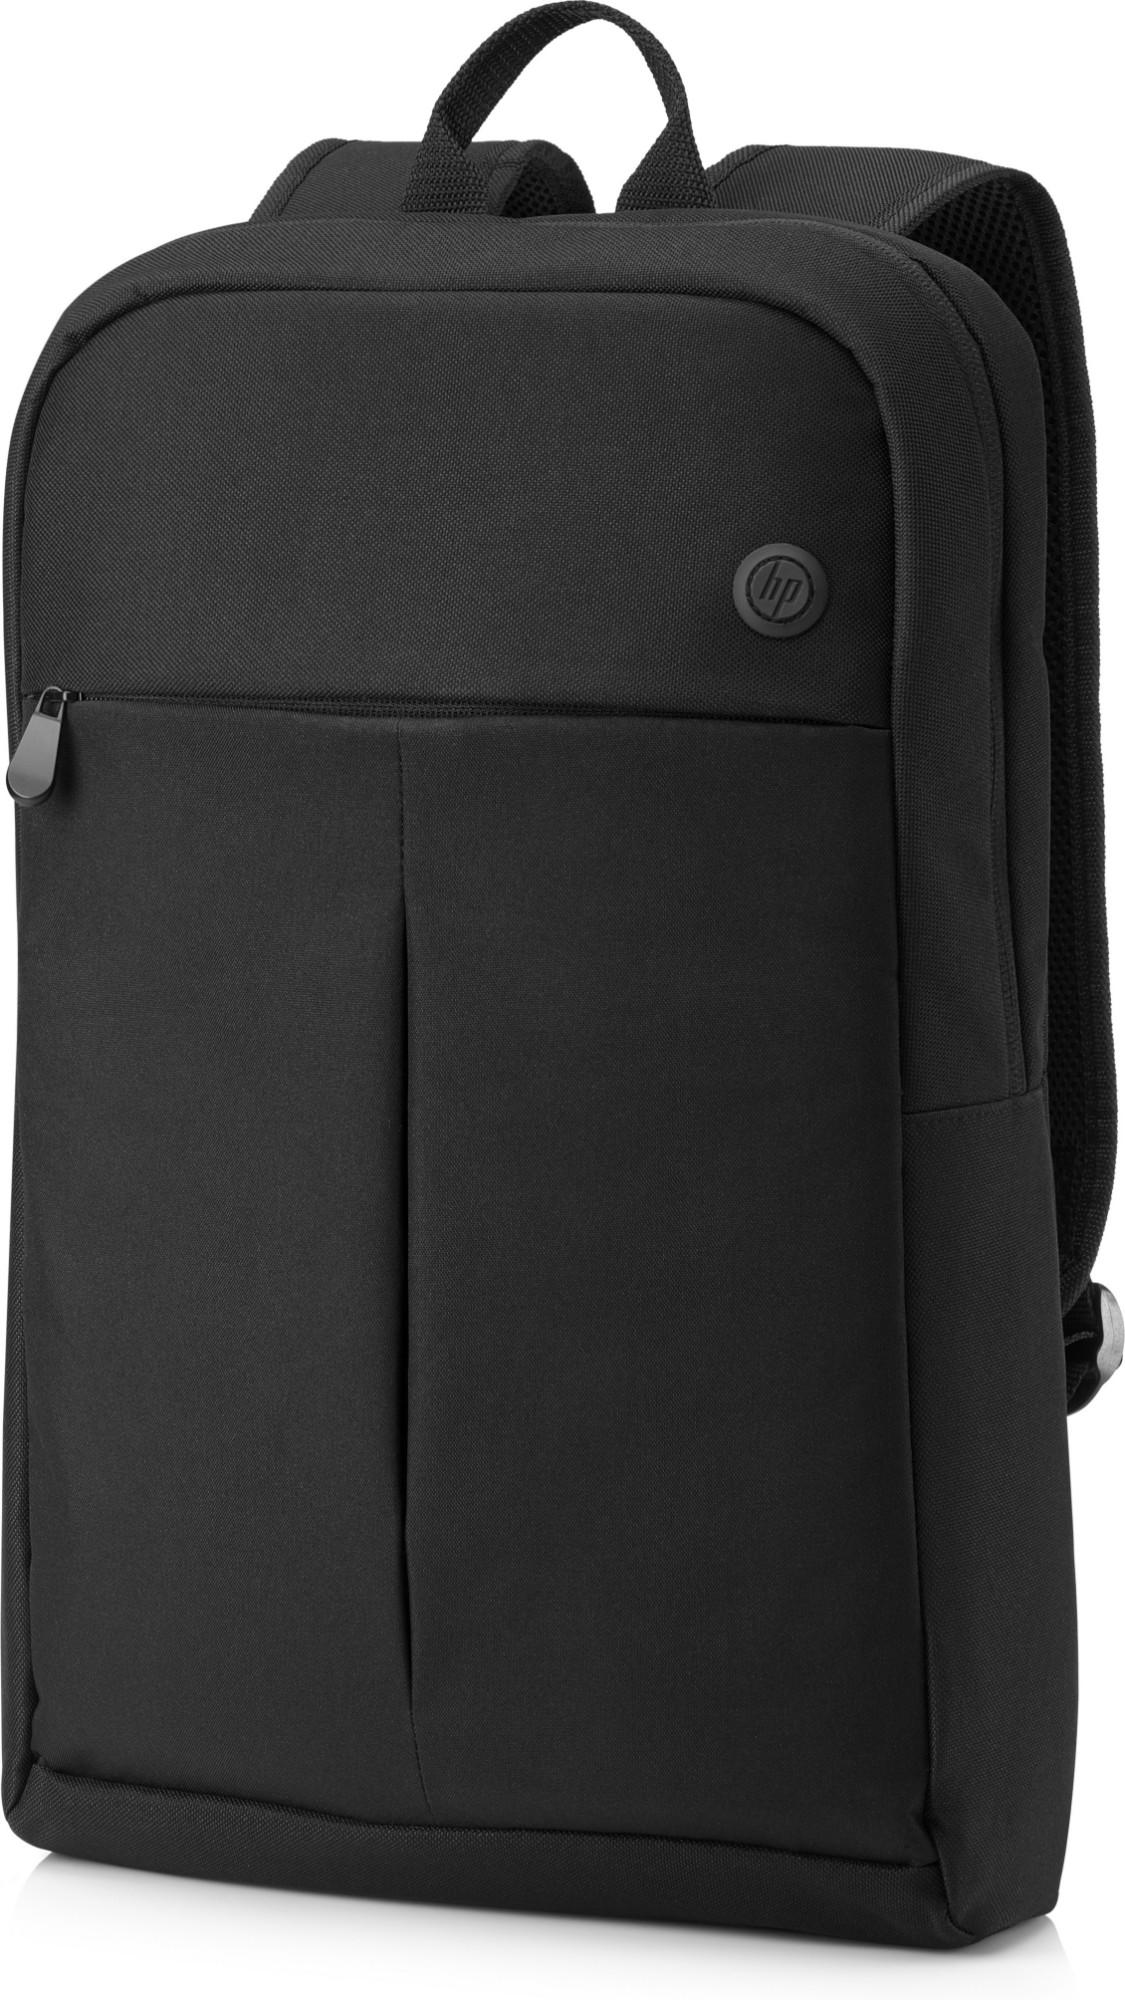 """HP Prelude Backpack 15.6 39.6 cm (15.6"""") Backpack case Black"""